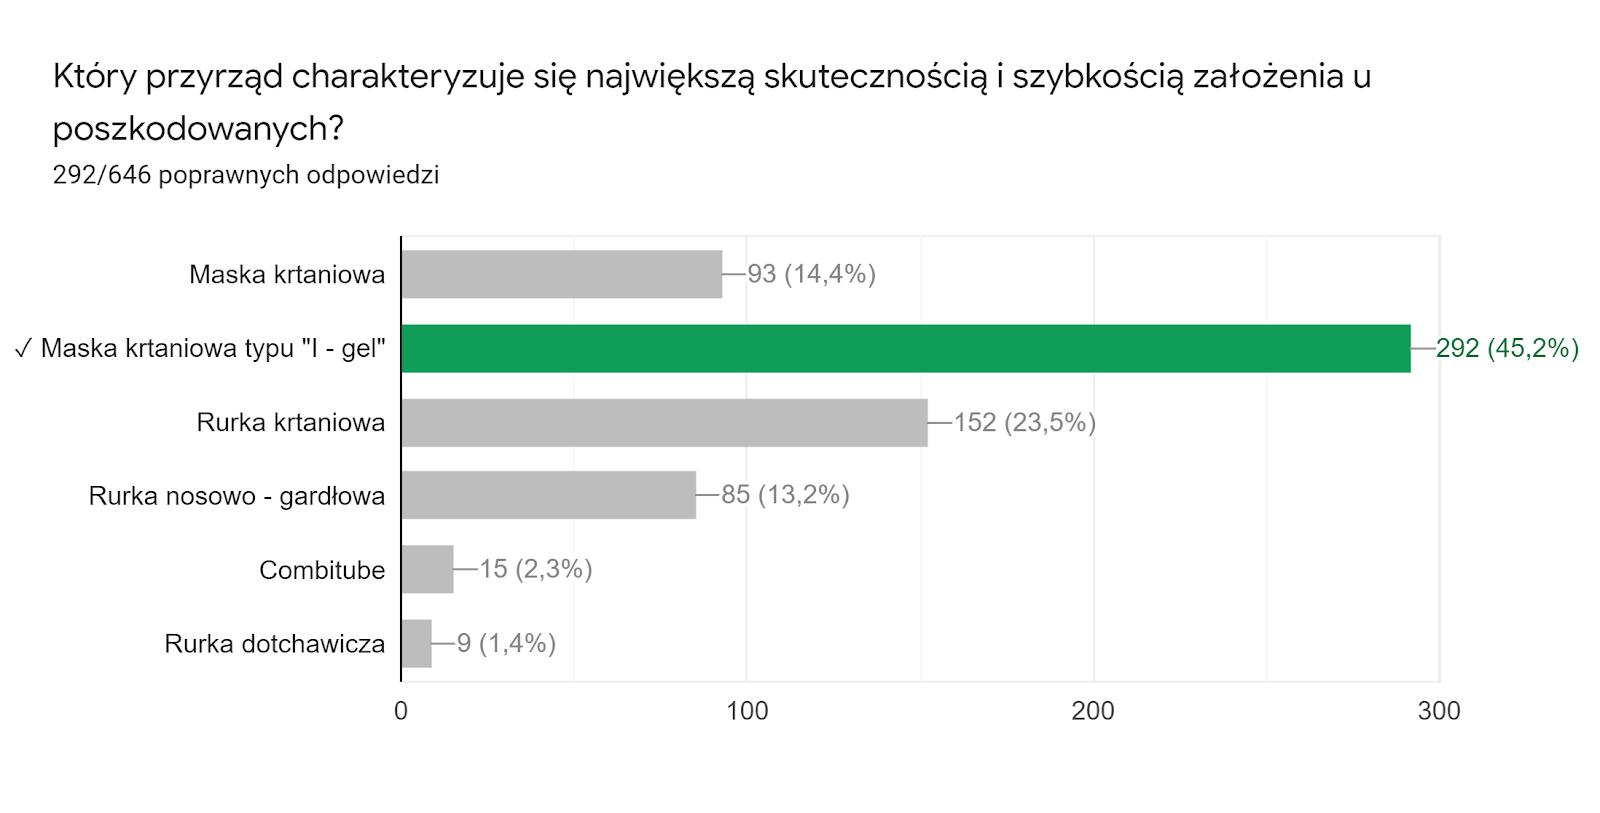 Wykres odpowiedzi z Formularzy. Tytuł pytania: Który przyrząd charakteryzuje się największą skutecznością i szybkością założenia u poszkodowanych?. Liczba odpowiedzi: 292/646 poprawnych odpowiedzi.